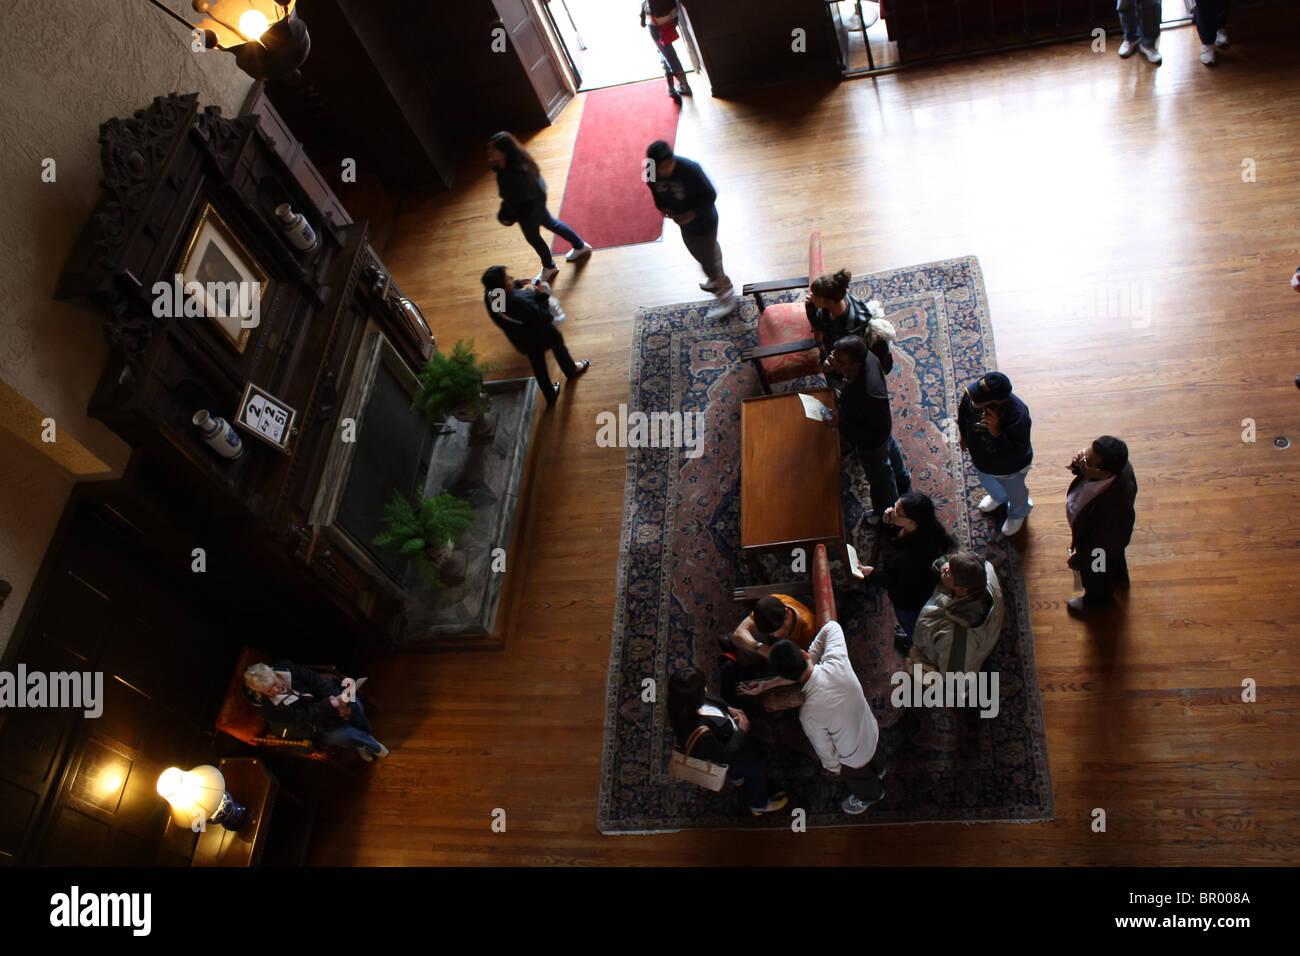 Turista reúnen dentro de casa loma sobrecarga Imagen De Stock